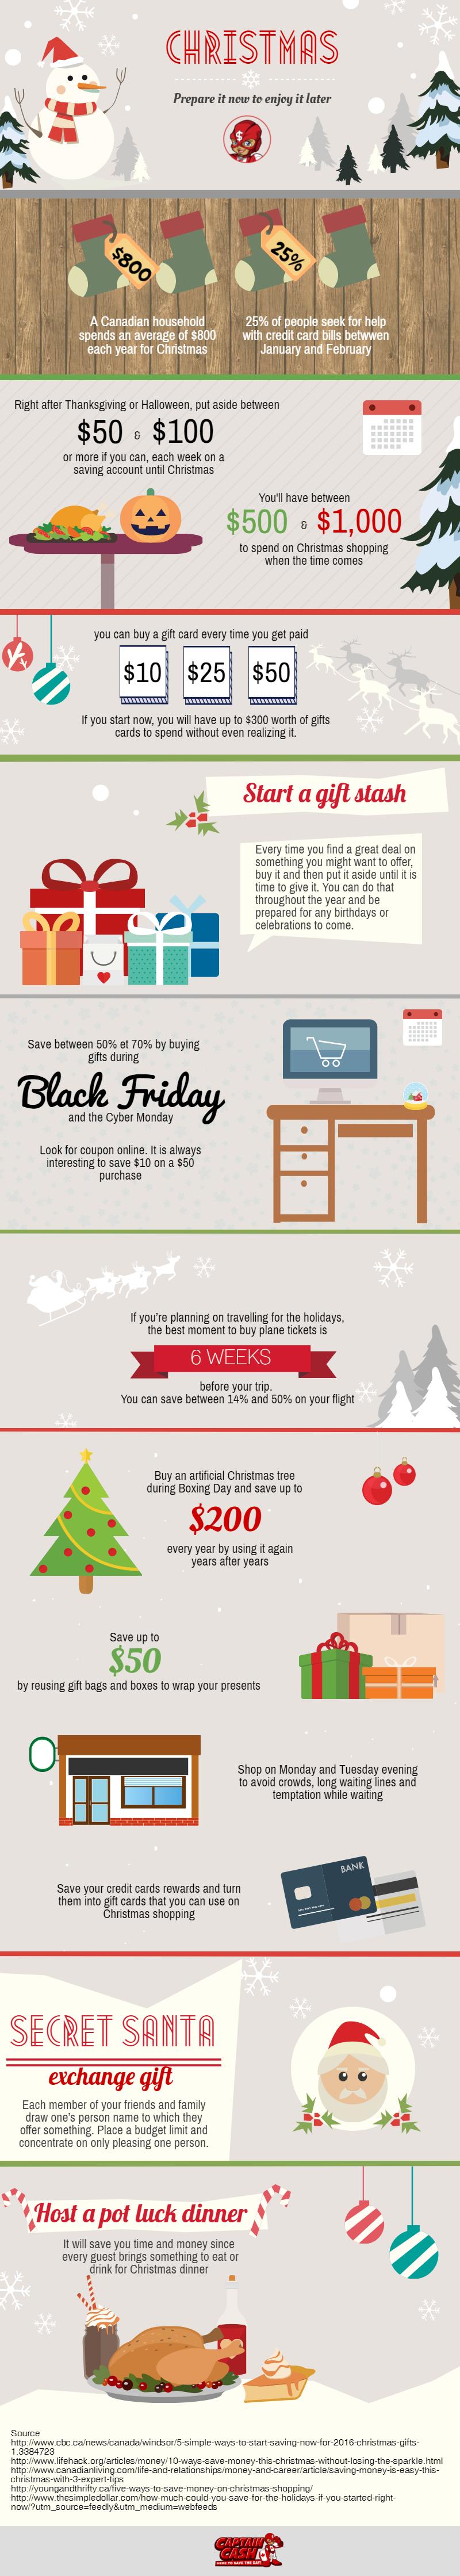 how to save on christmas